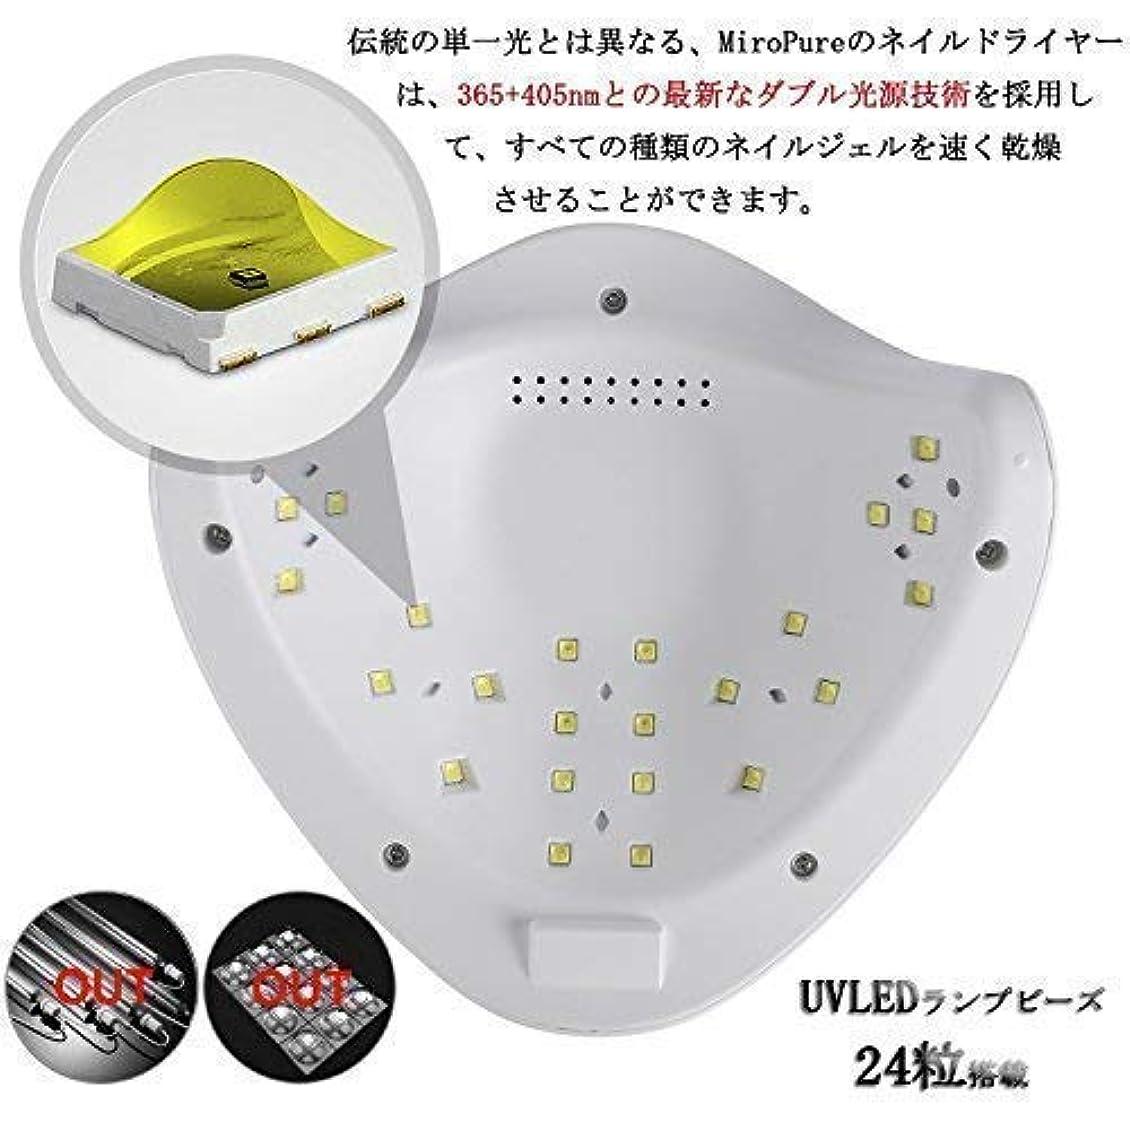 メタン異常脱走UV LEDネイルドライヤー 赤外線検知 36W ハイパワー UV と LEDダブルライト ジェルネイル用 四つタイマー設定可能